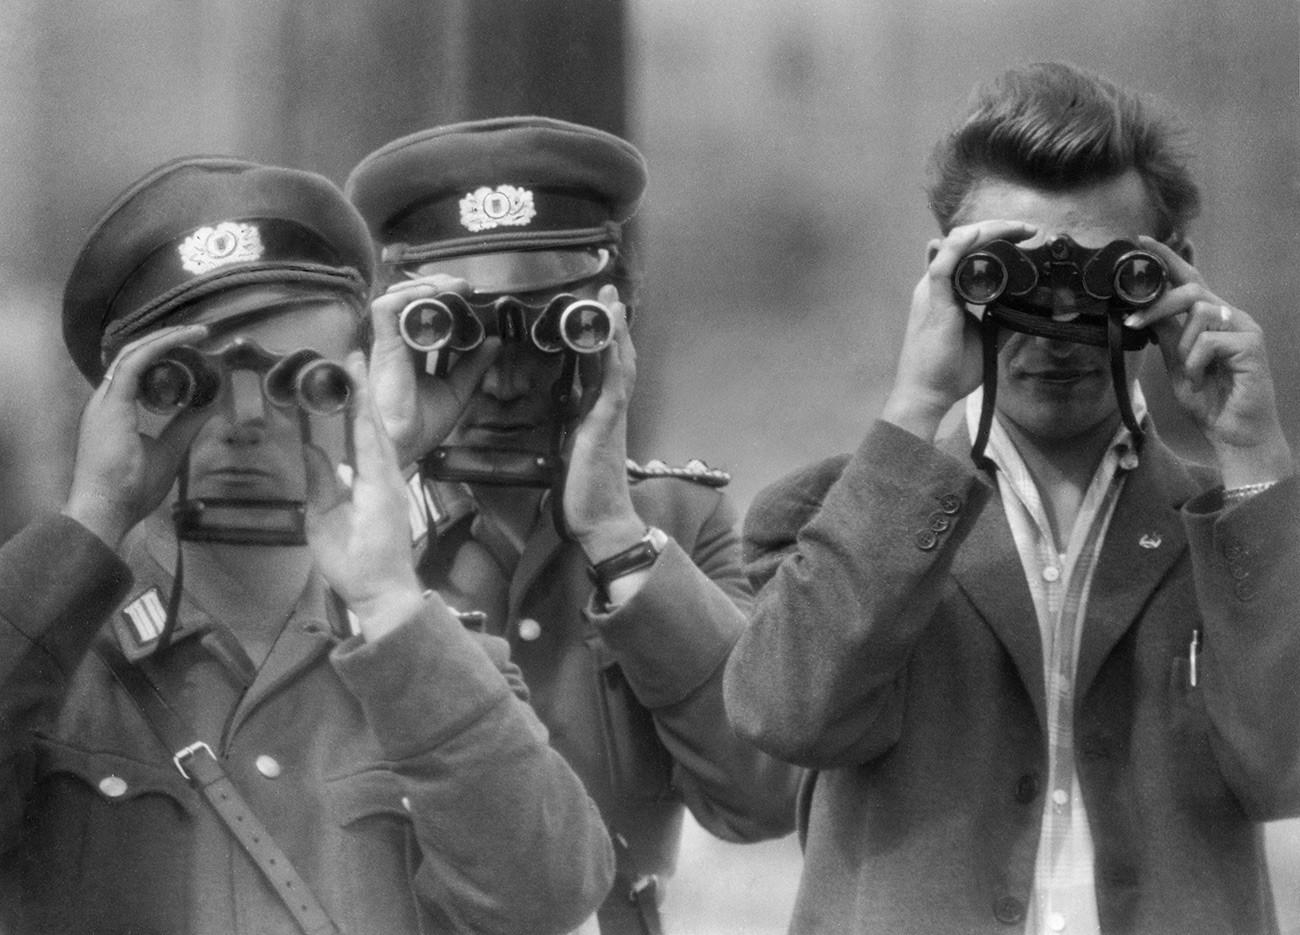 Dua polisi Jerman Timur dan satu warga sipil sedang memantau fotografer yang berada di daerah Berlin Barat saat pembangunan Tembok Berlin.